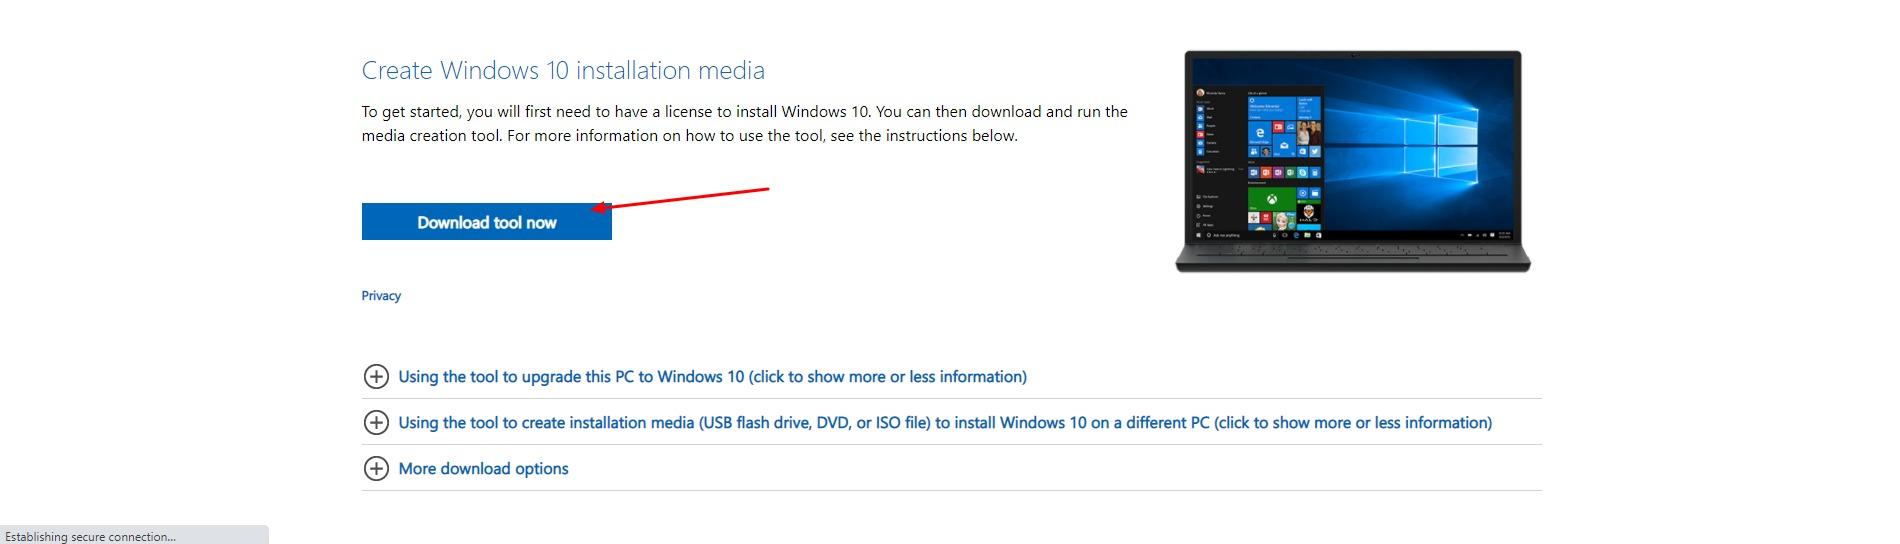 Sửa lỗi Start menu Windows 10 triệt để với 4 cách đơn giản 3